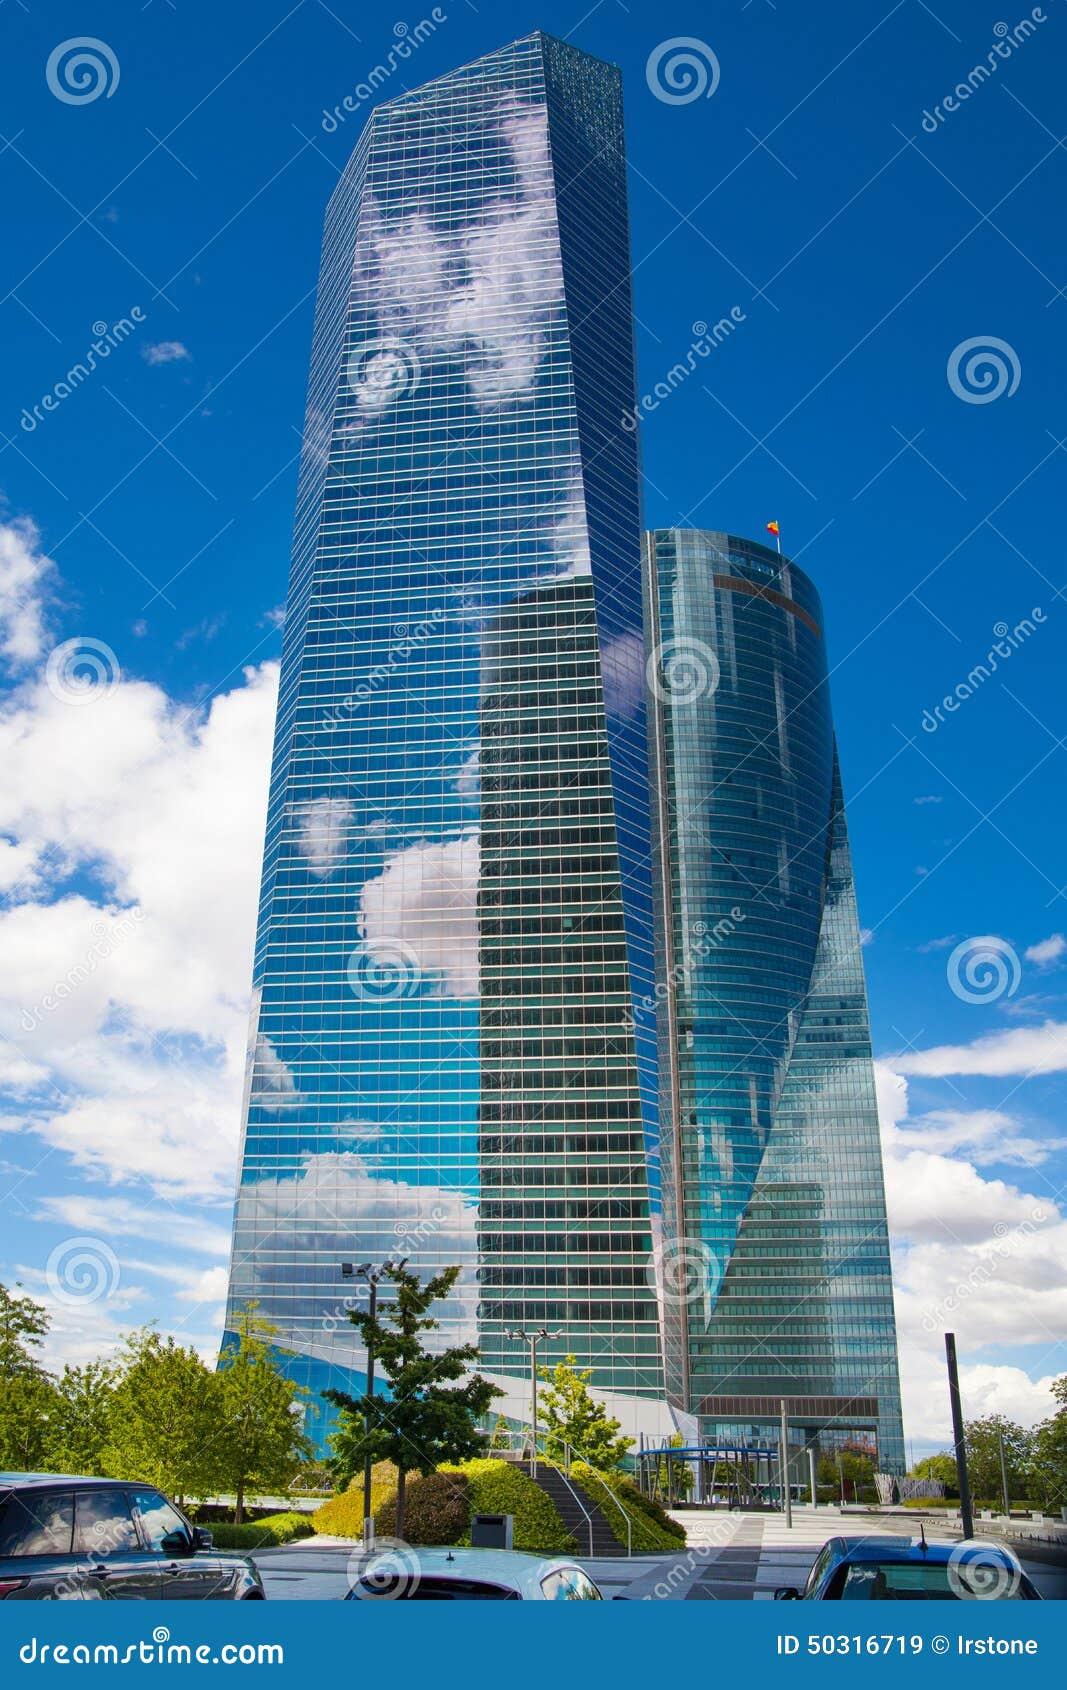 Ciudad De Madrid Centro De Negocio Rascacielos Modernos Imagen De